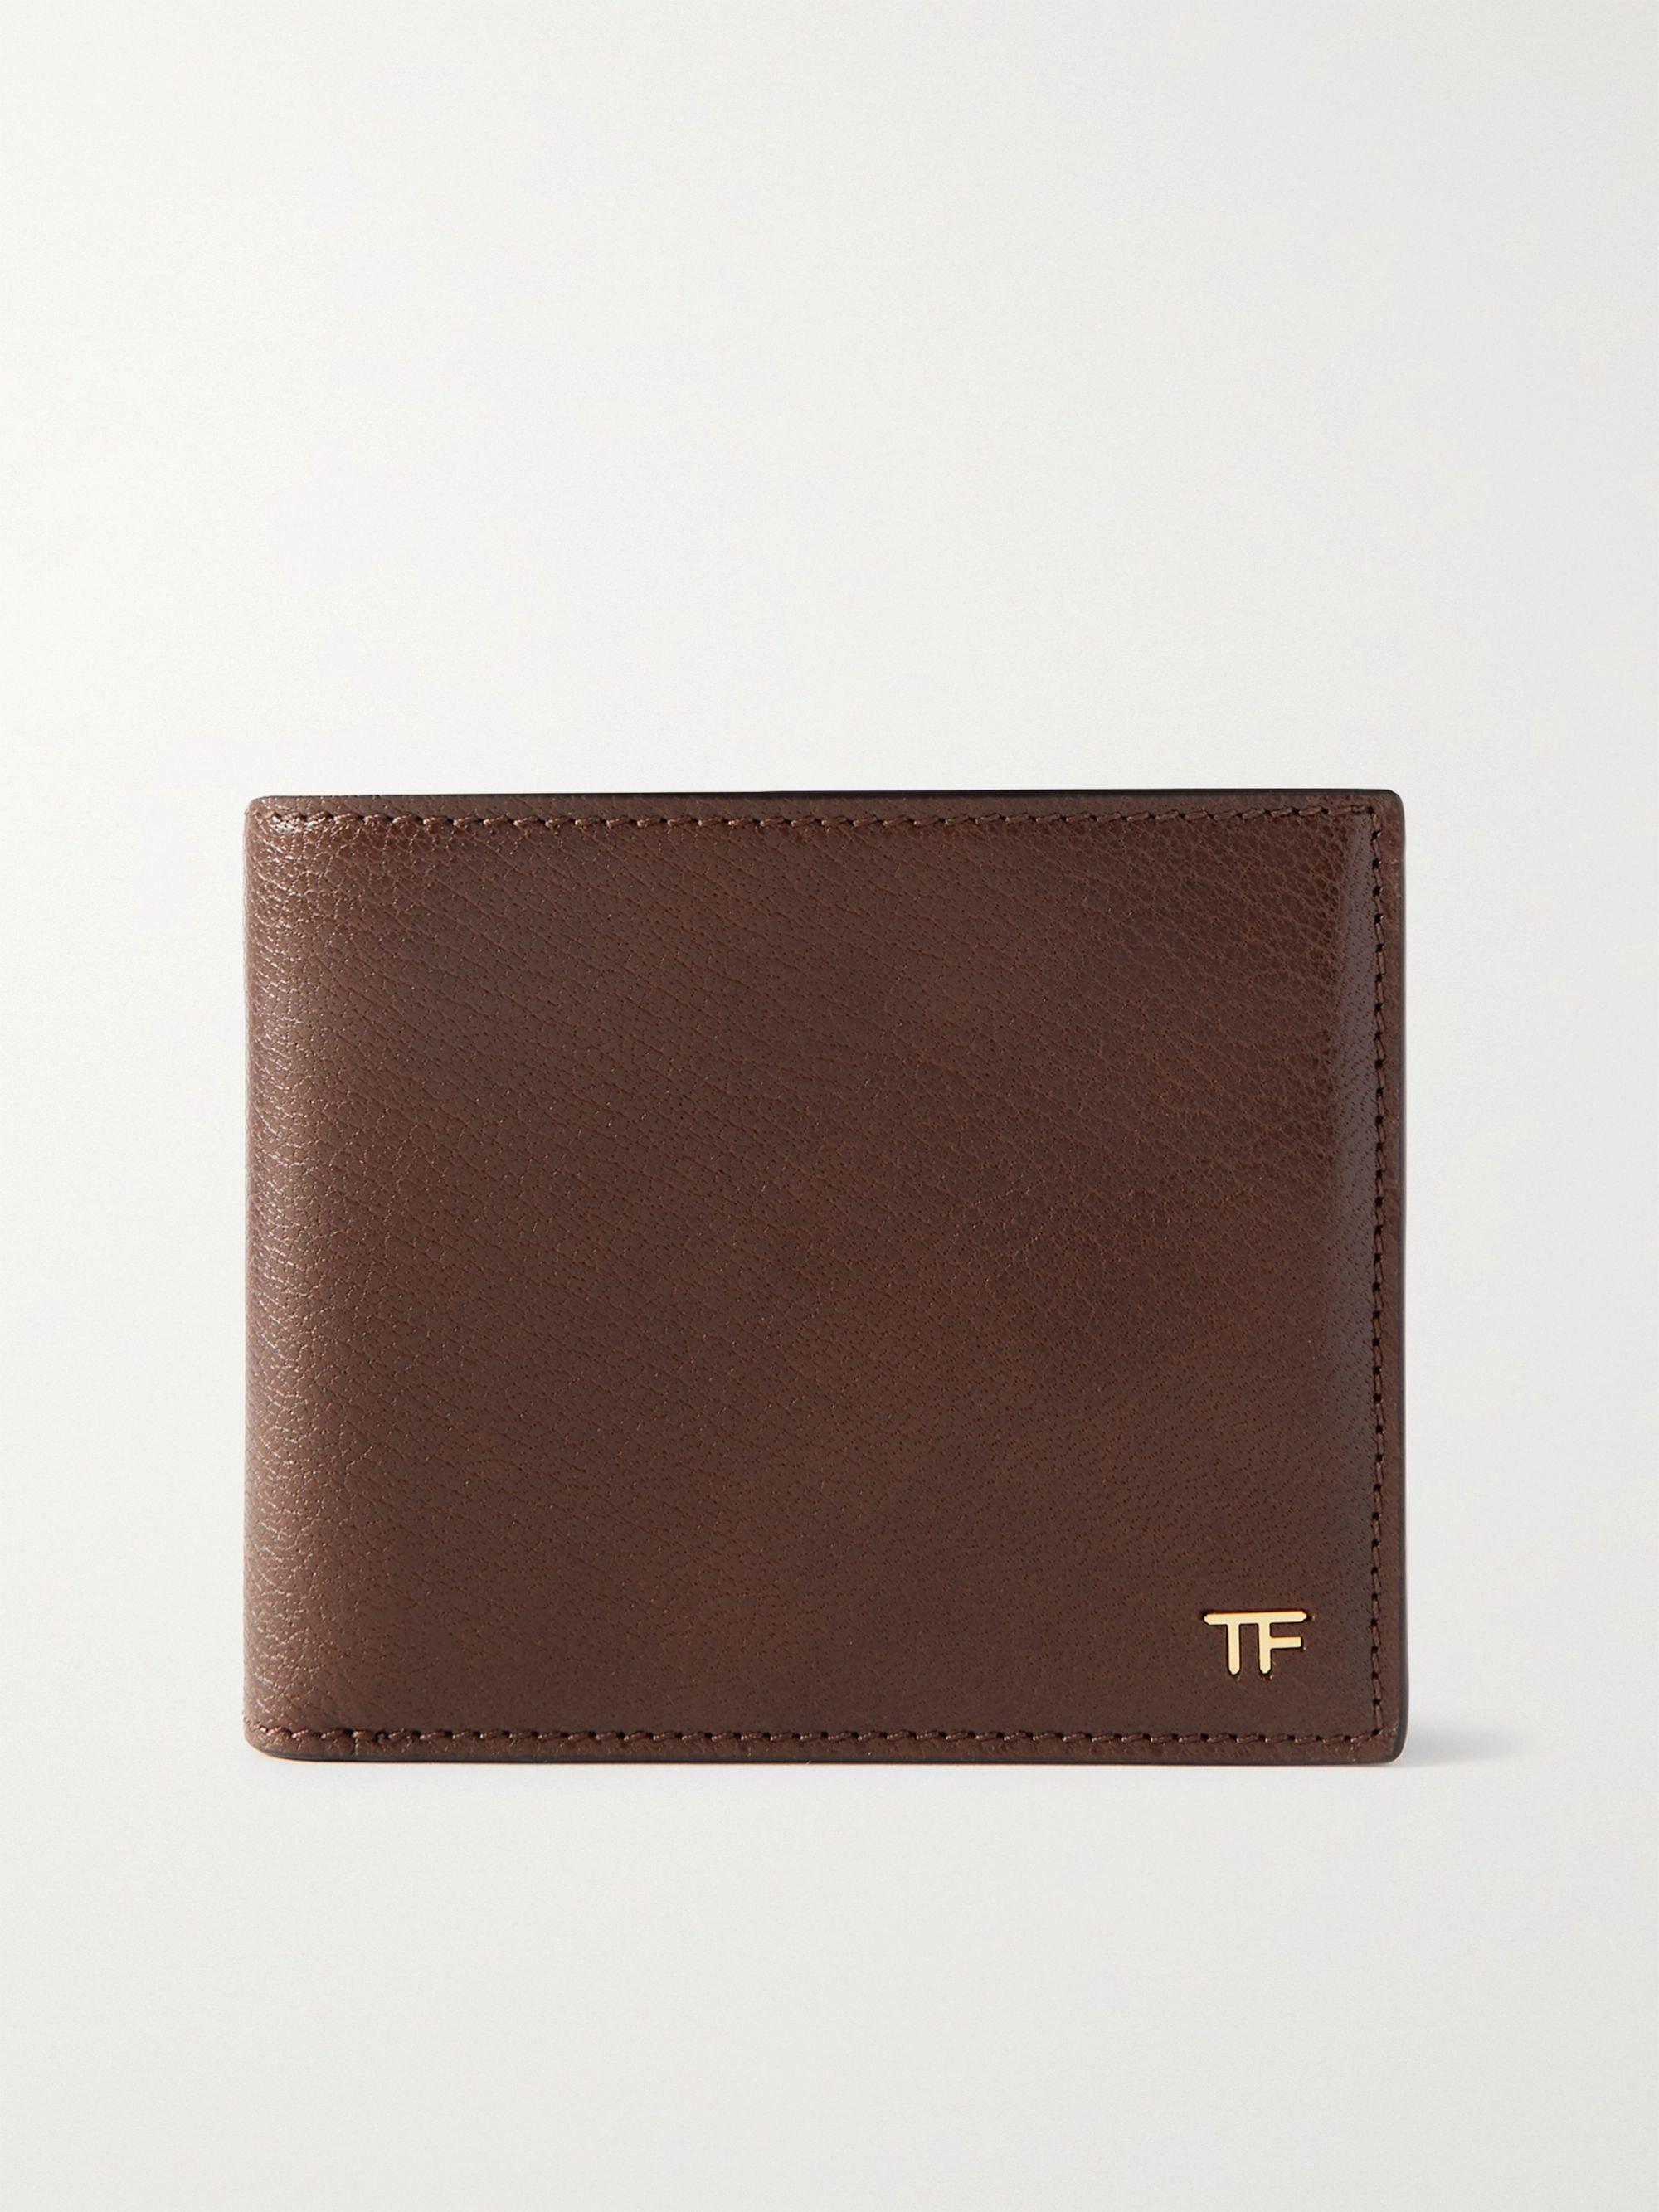 톰 포드 반지갑 Tom Ford Leather Billfold Wallet,Brown